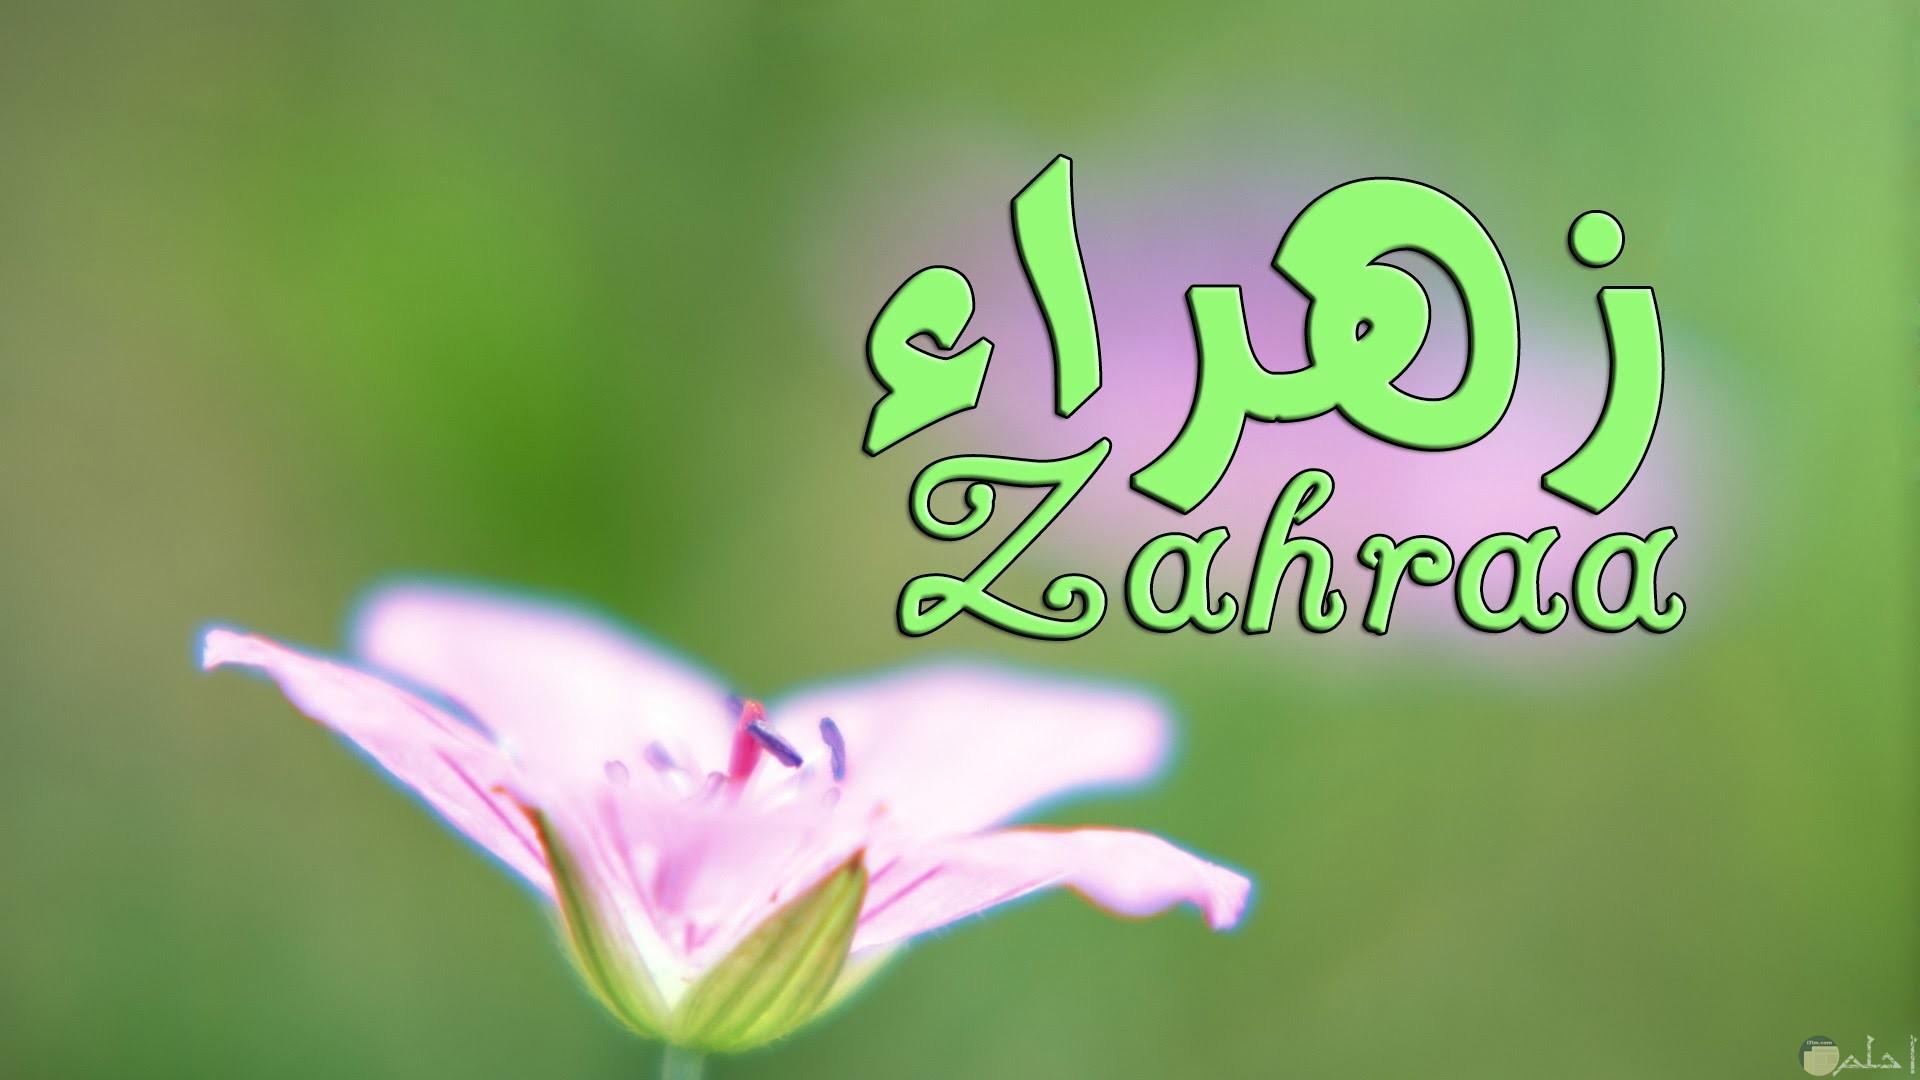 صورة لاسم زهراء بالعربية و الانجليزية معاً.